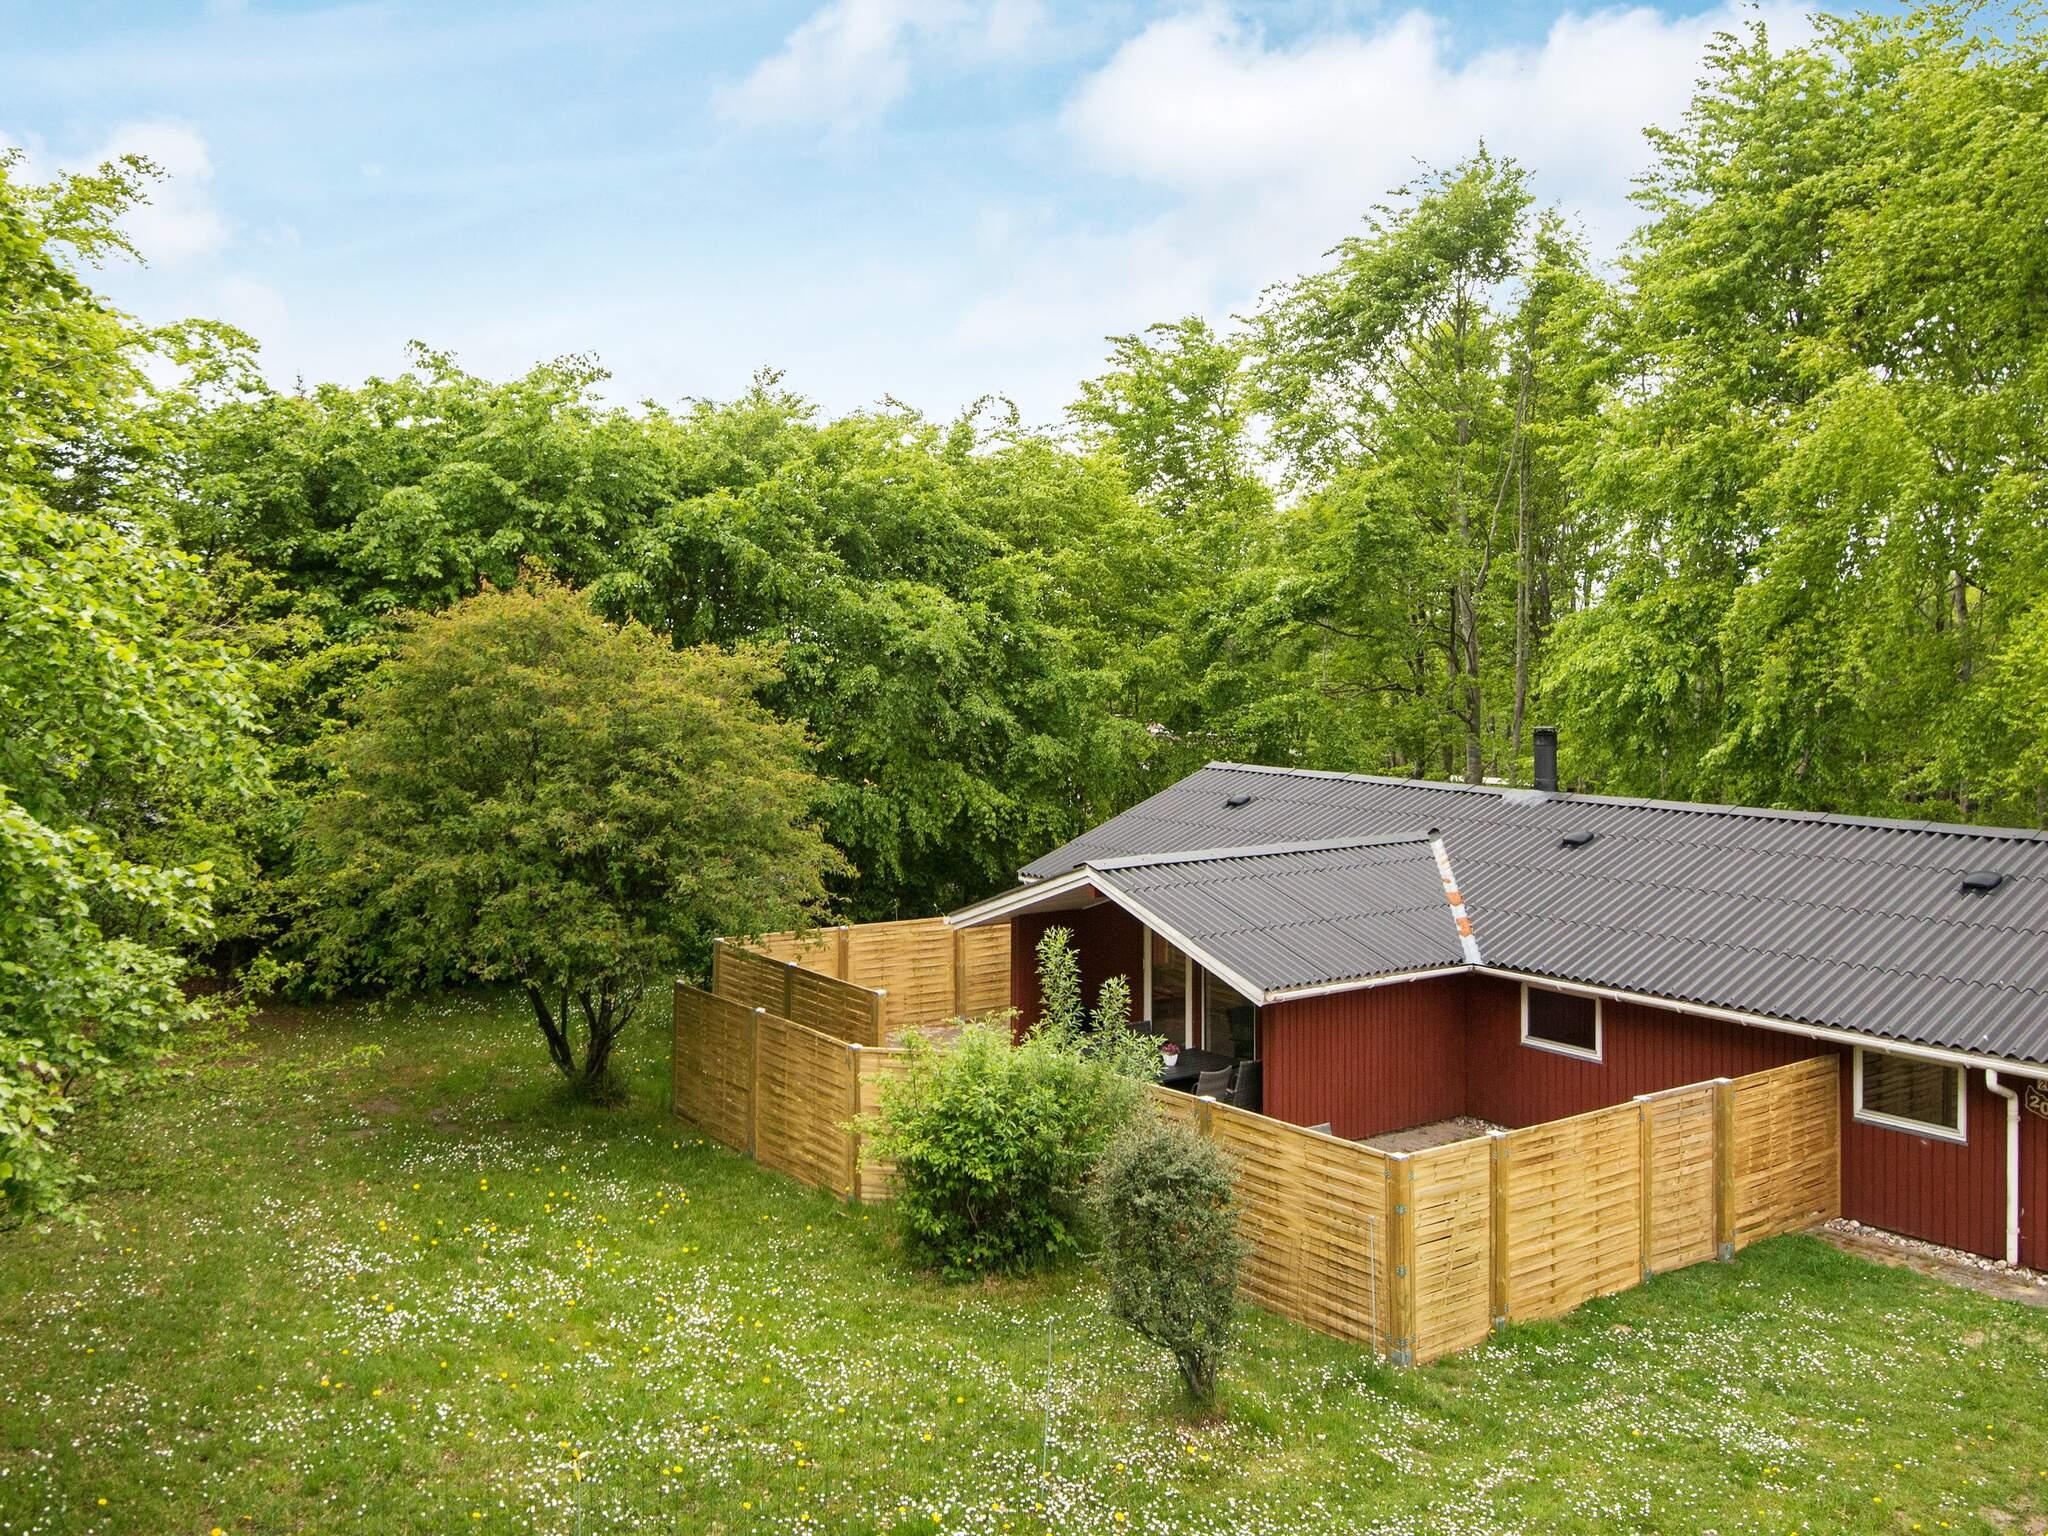 Ferienhaus Arrild (442397), Arrild, , Südjütland, Dänemark, Bild 1